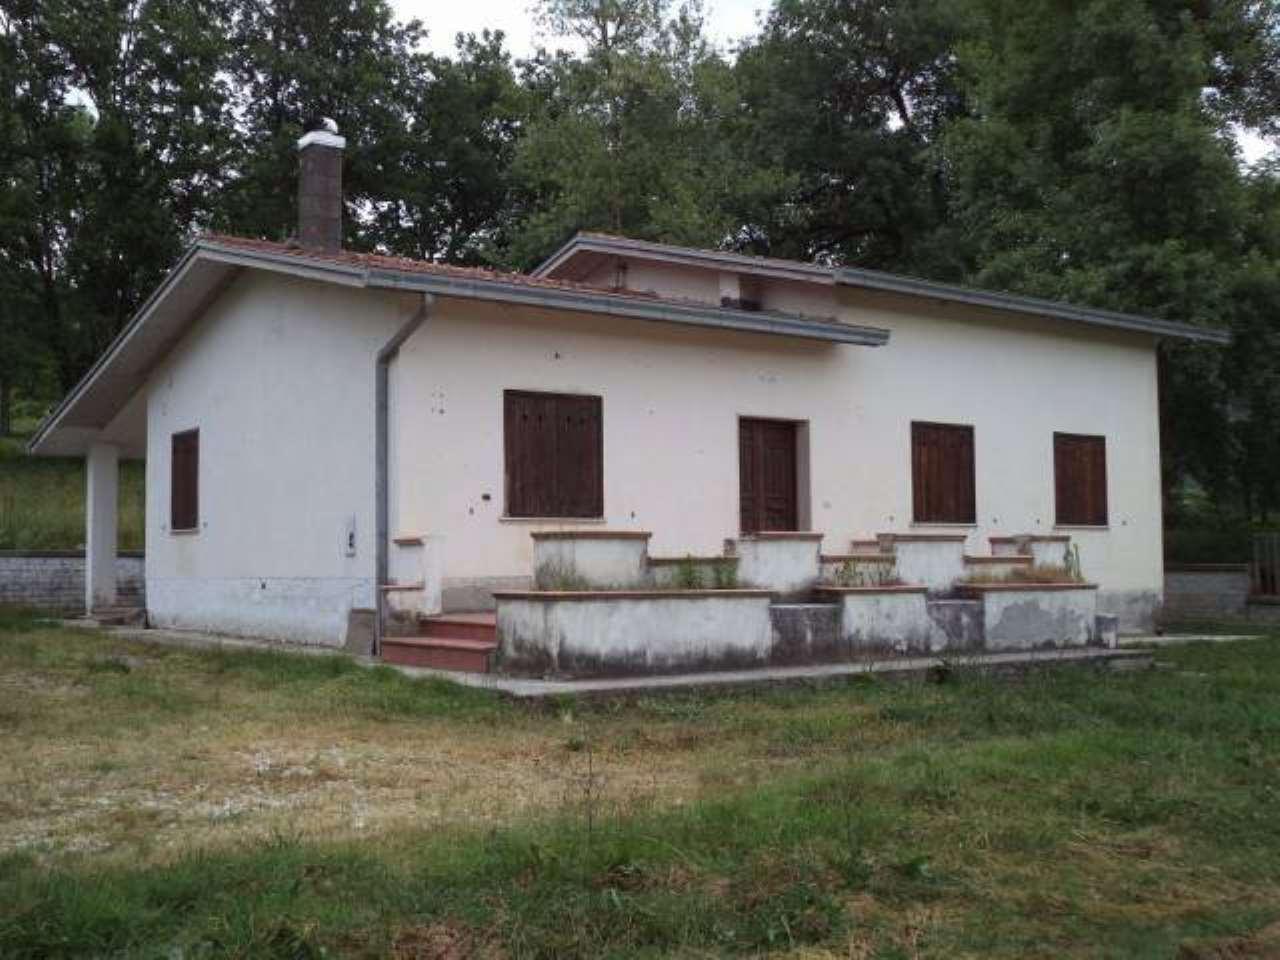 Villa in vendita a Arce, 3 locali, prezzo € 99.000 | CambioCasa.it